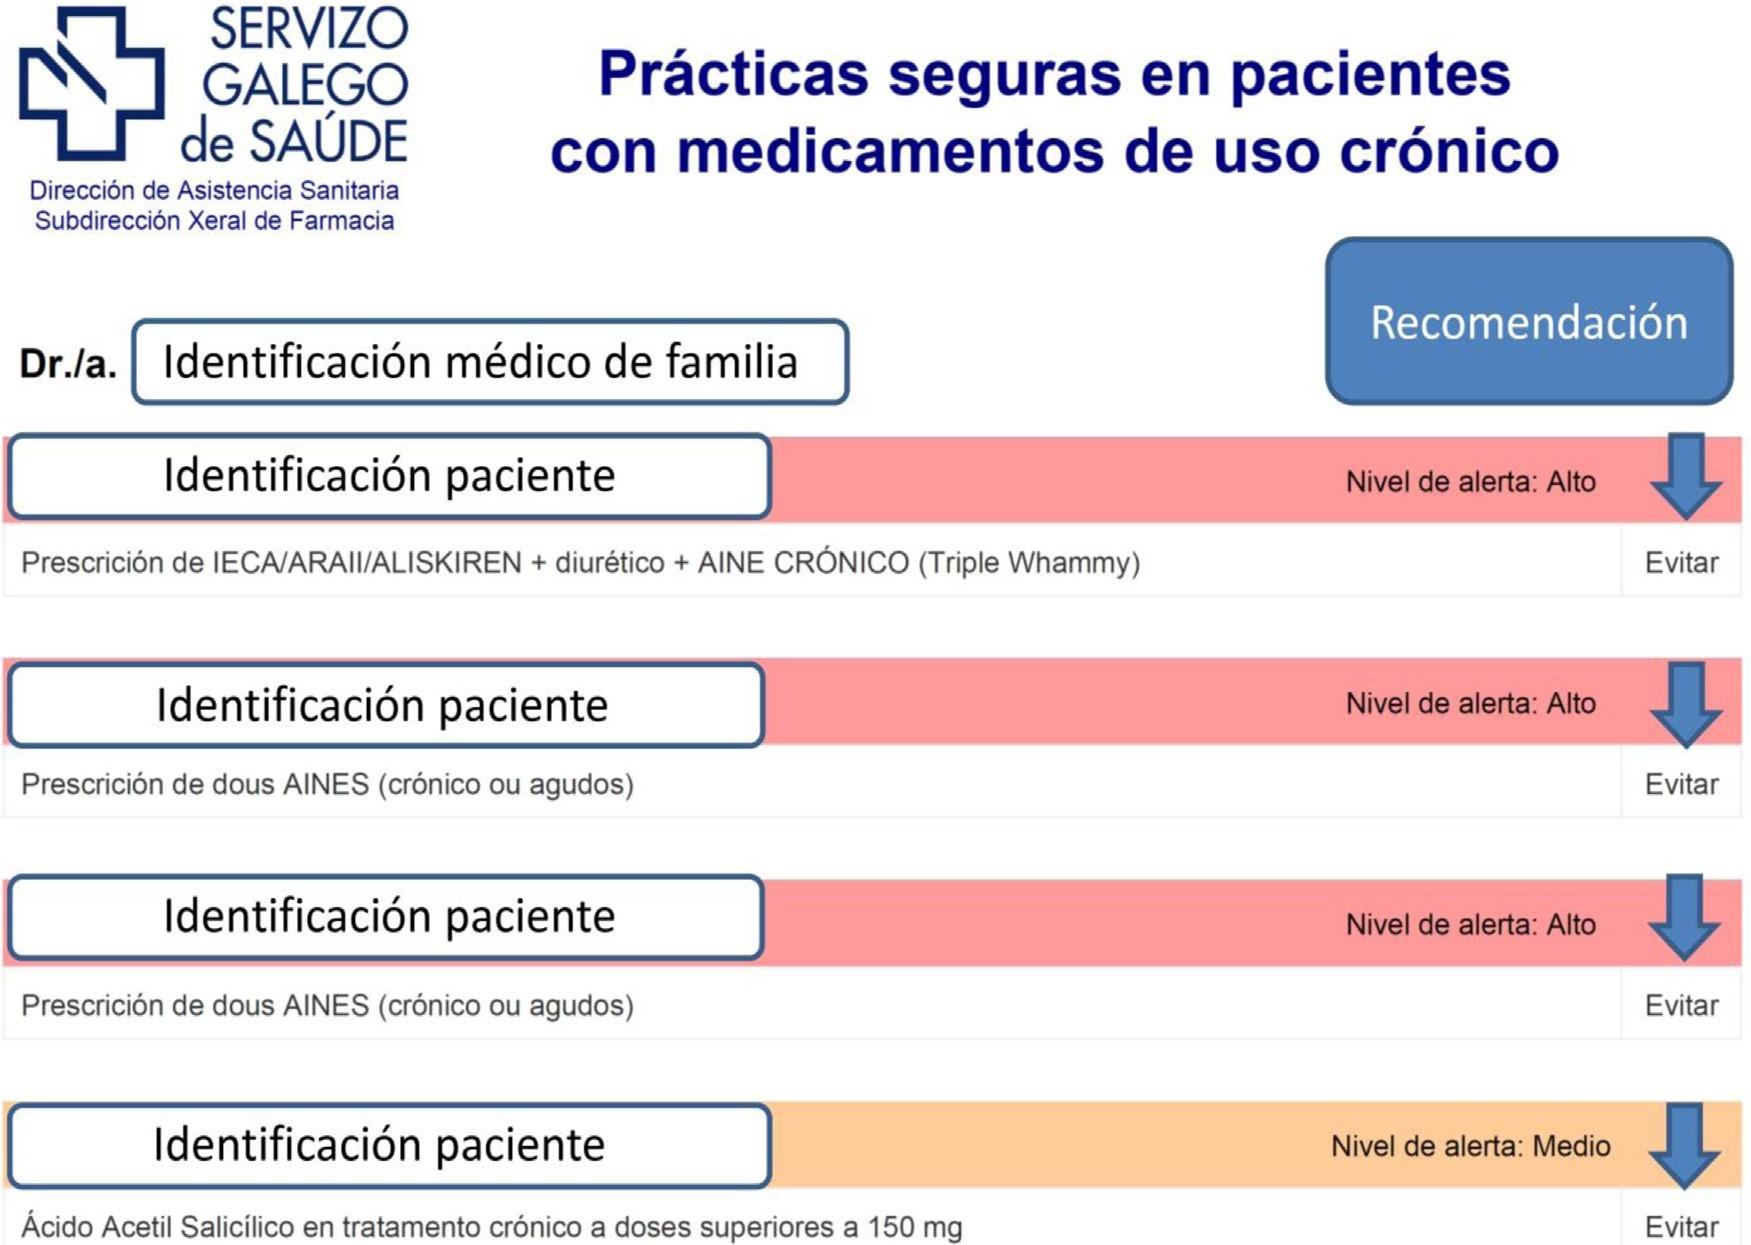 Mdelo informr paciente medicamentos crónico